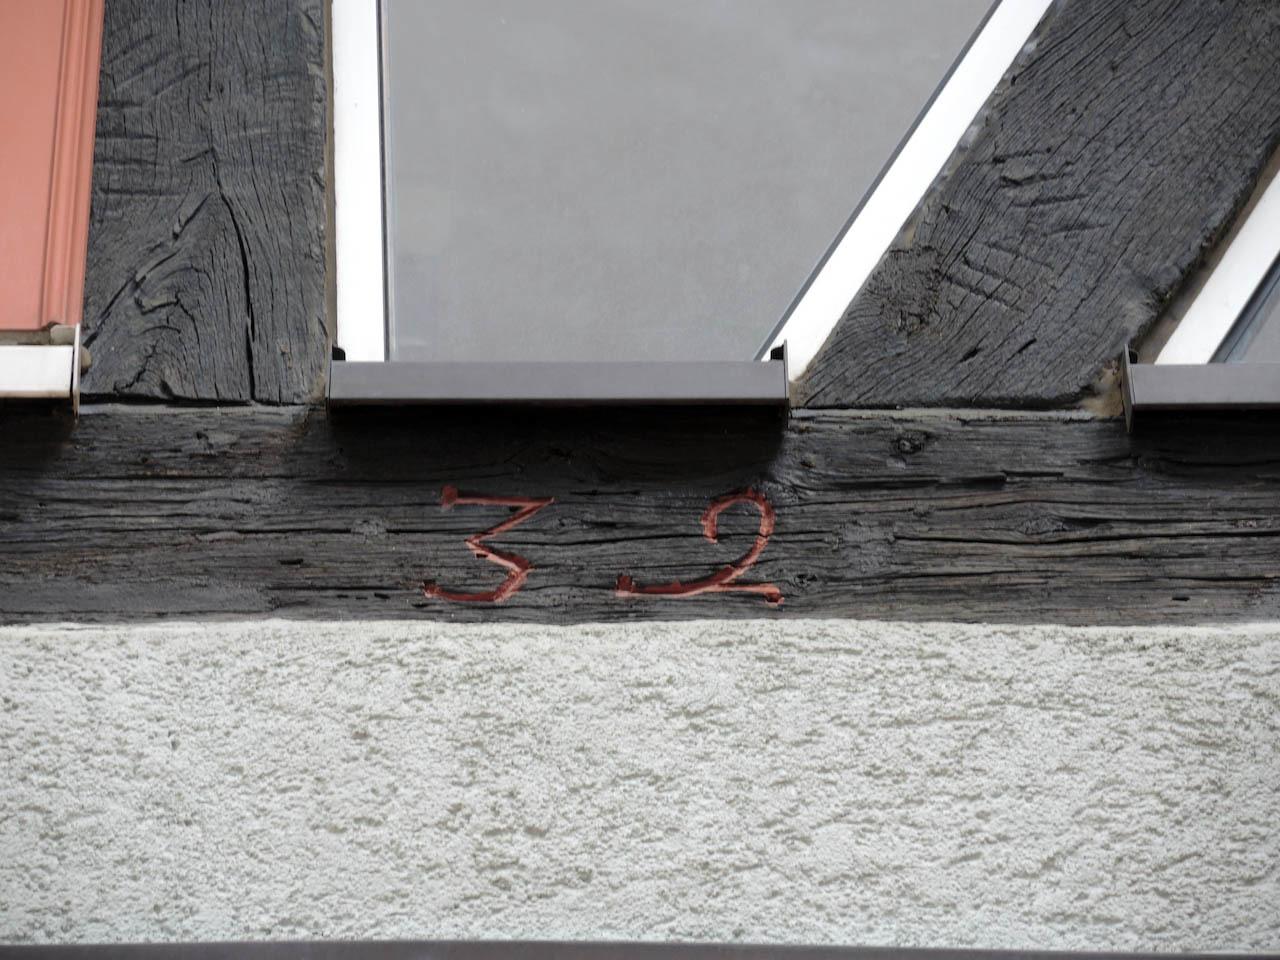 Friedberg の街で見かけた文字(2)おもしろい数字がたくさん_e0175918_00050223.jpeg